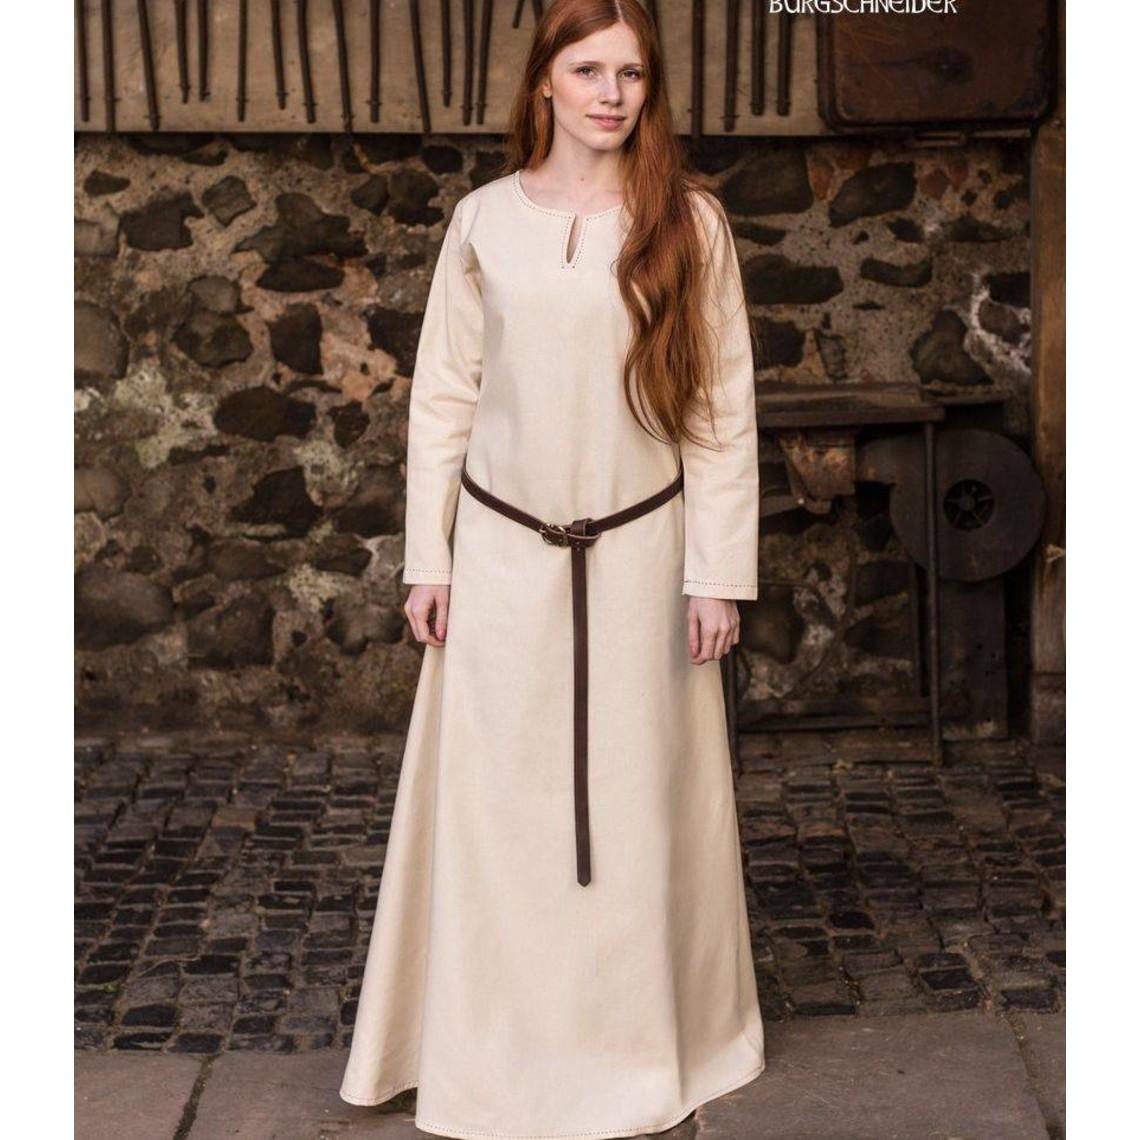 Burgschneider Kleid Feme, natürliche